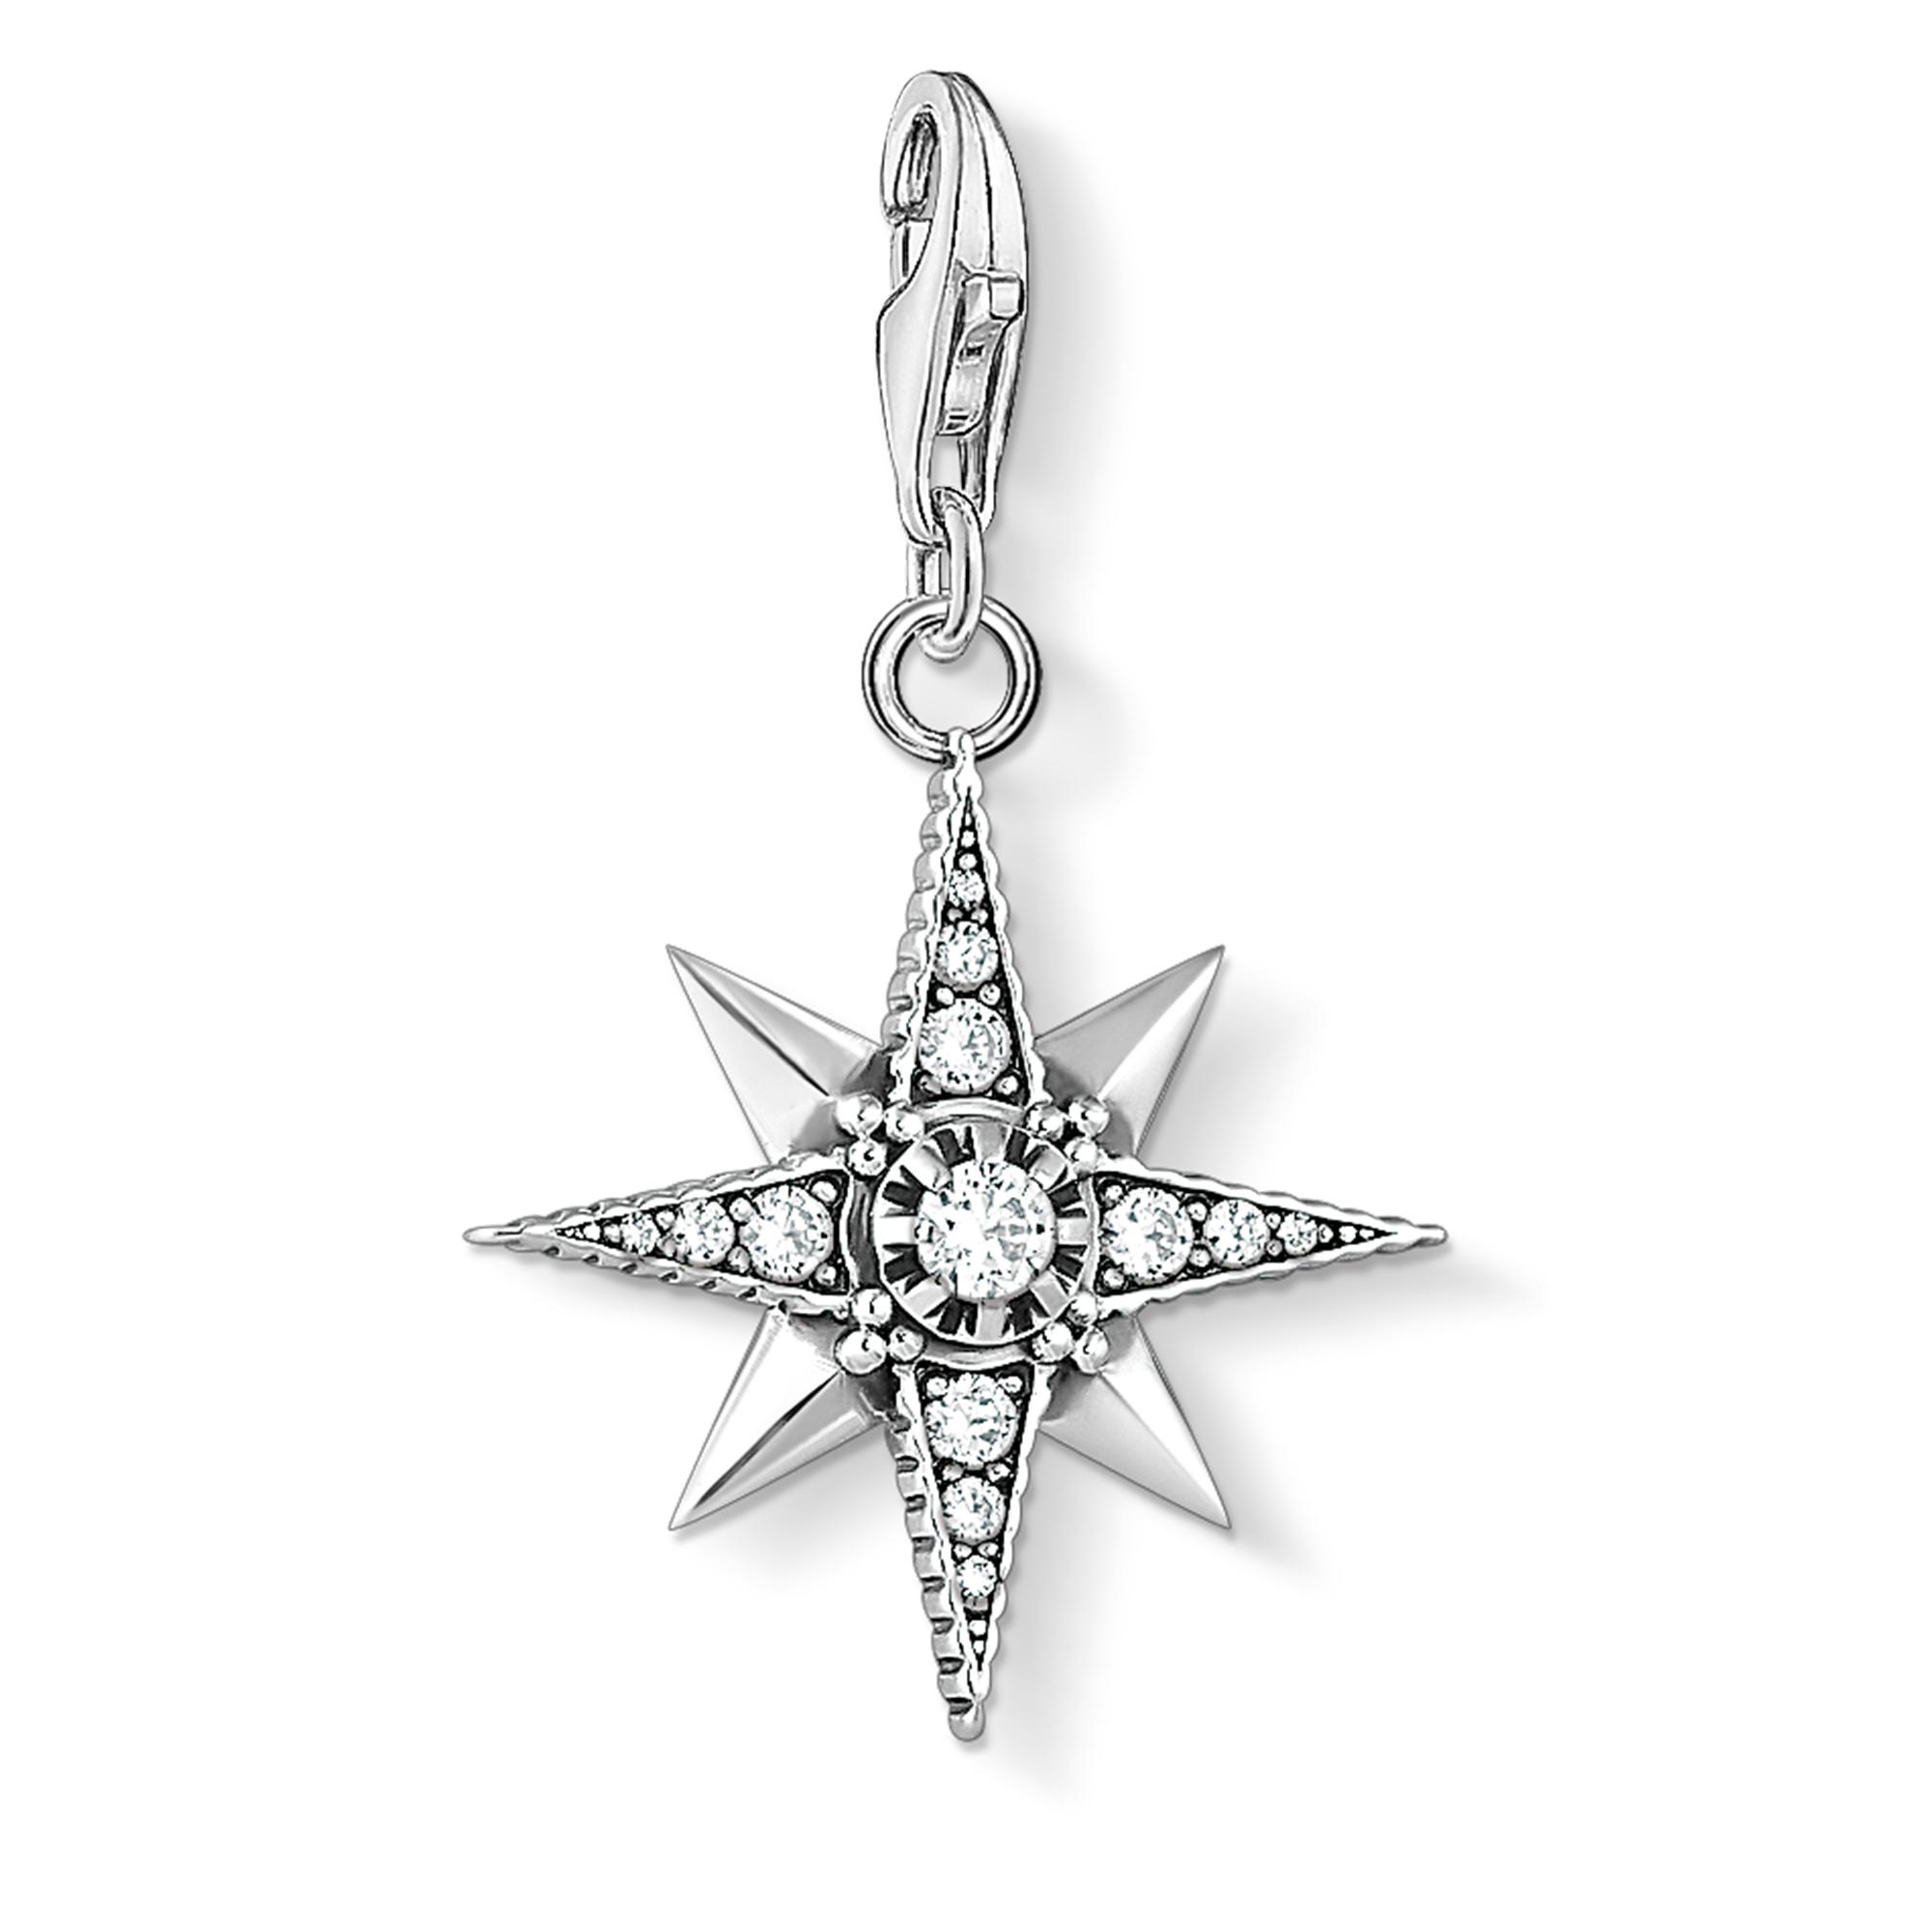 Pendentif Charm Royalty étoile, Thomas Sabo